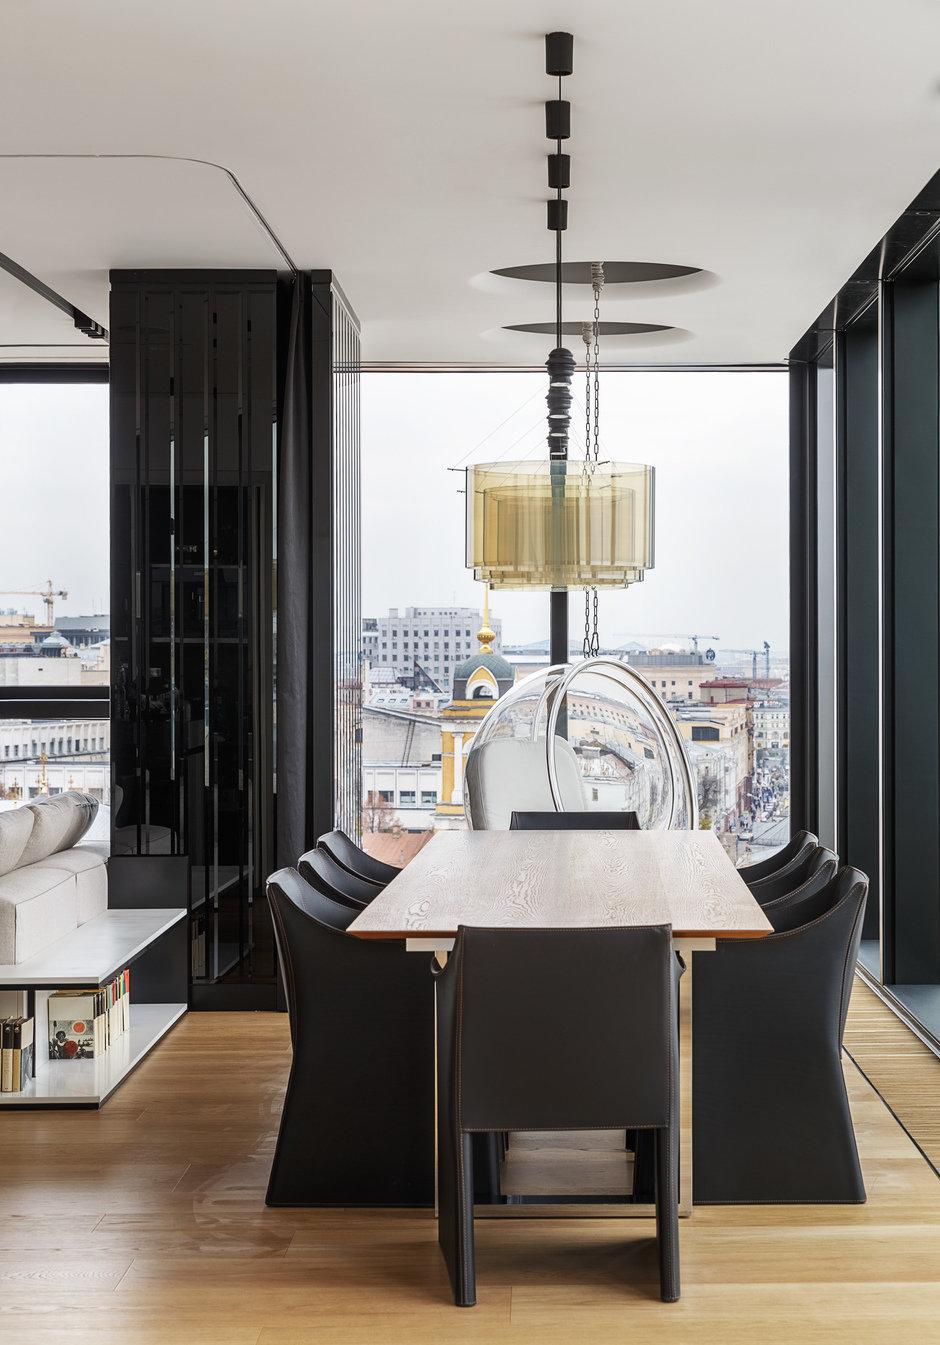 Фотография: Кухня и столовая в стиле Хай-тек, Проект недели, Москва, Более 90 метров, #эксклюзивныепроекты, ЖК «Легенда Цветного», Ab-architects – фото на InMyRoom.ru